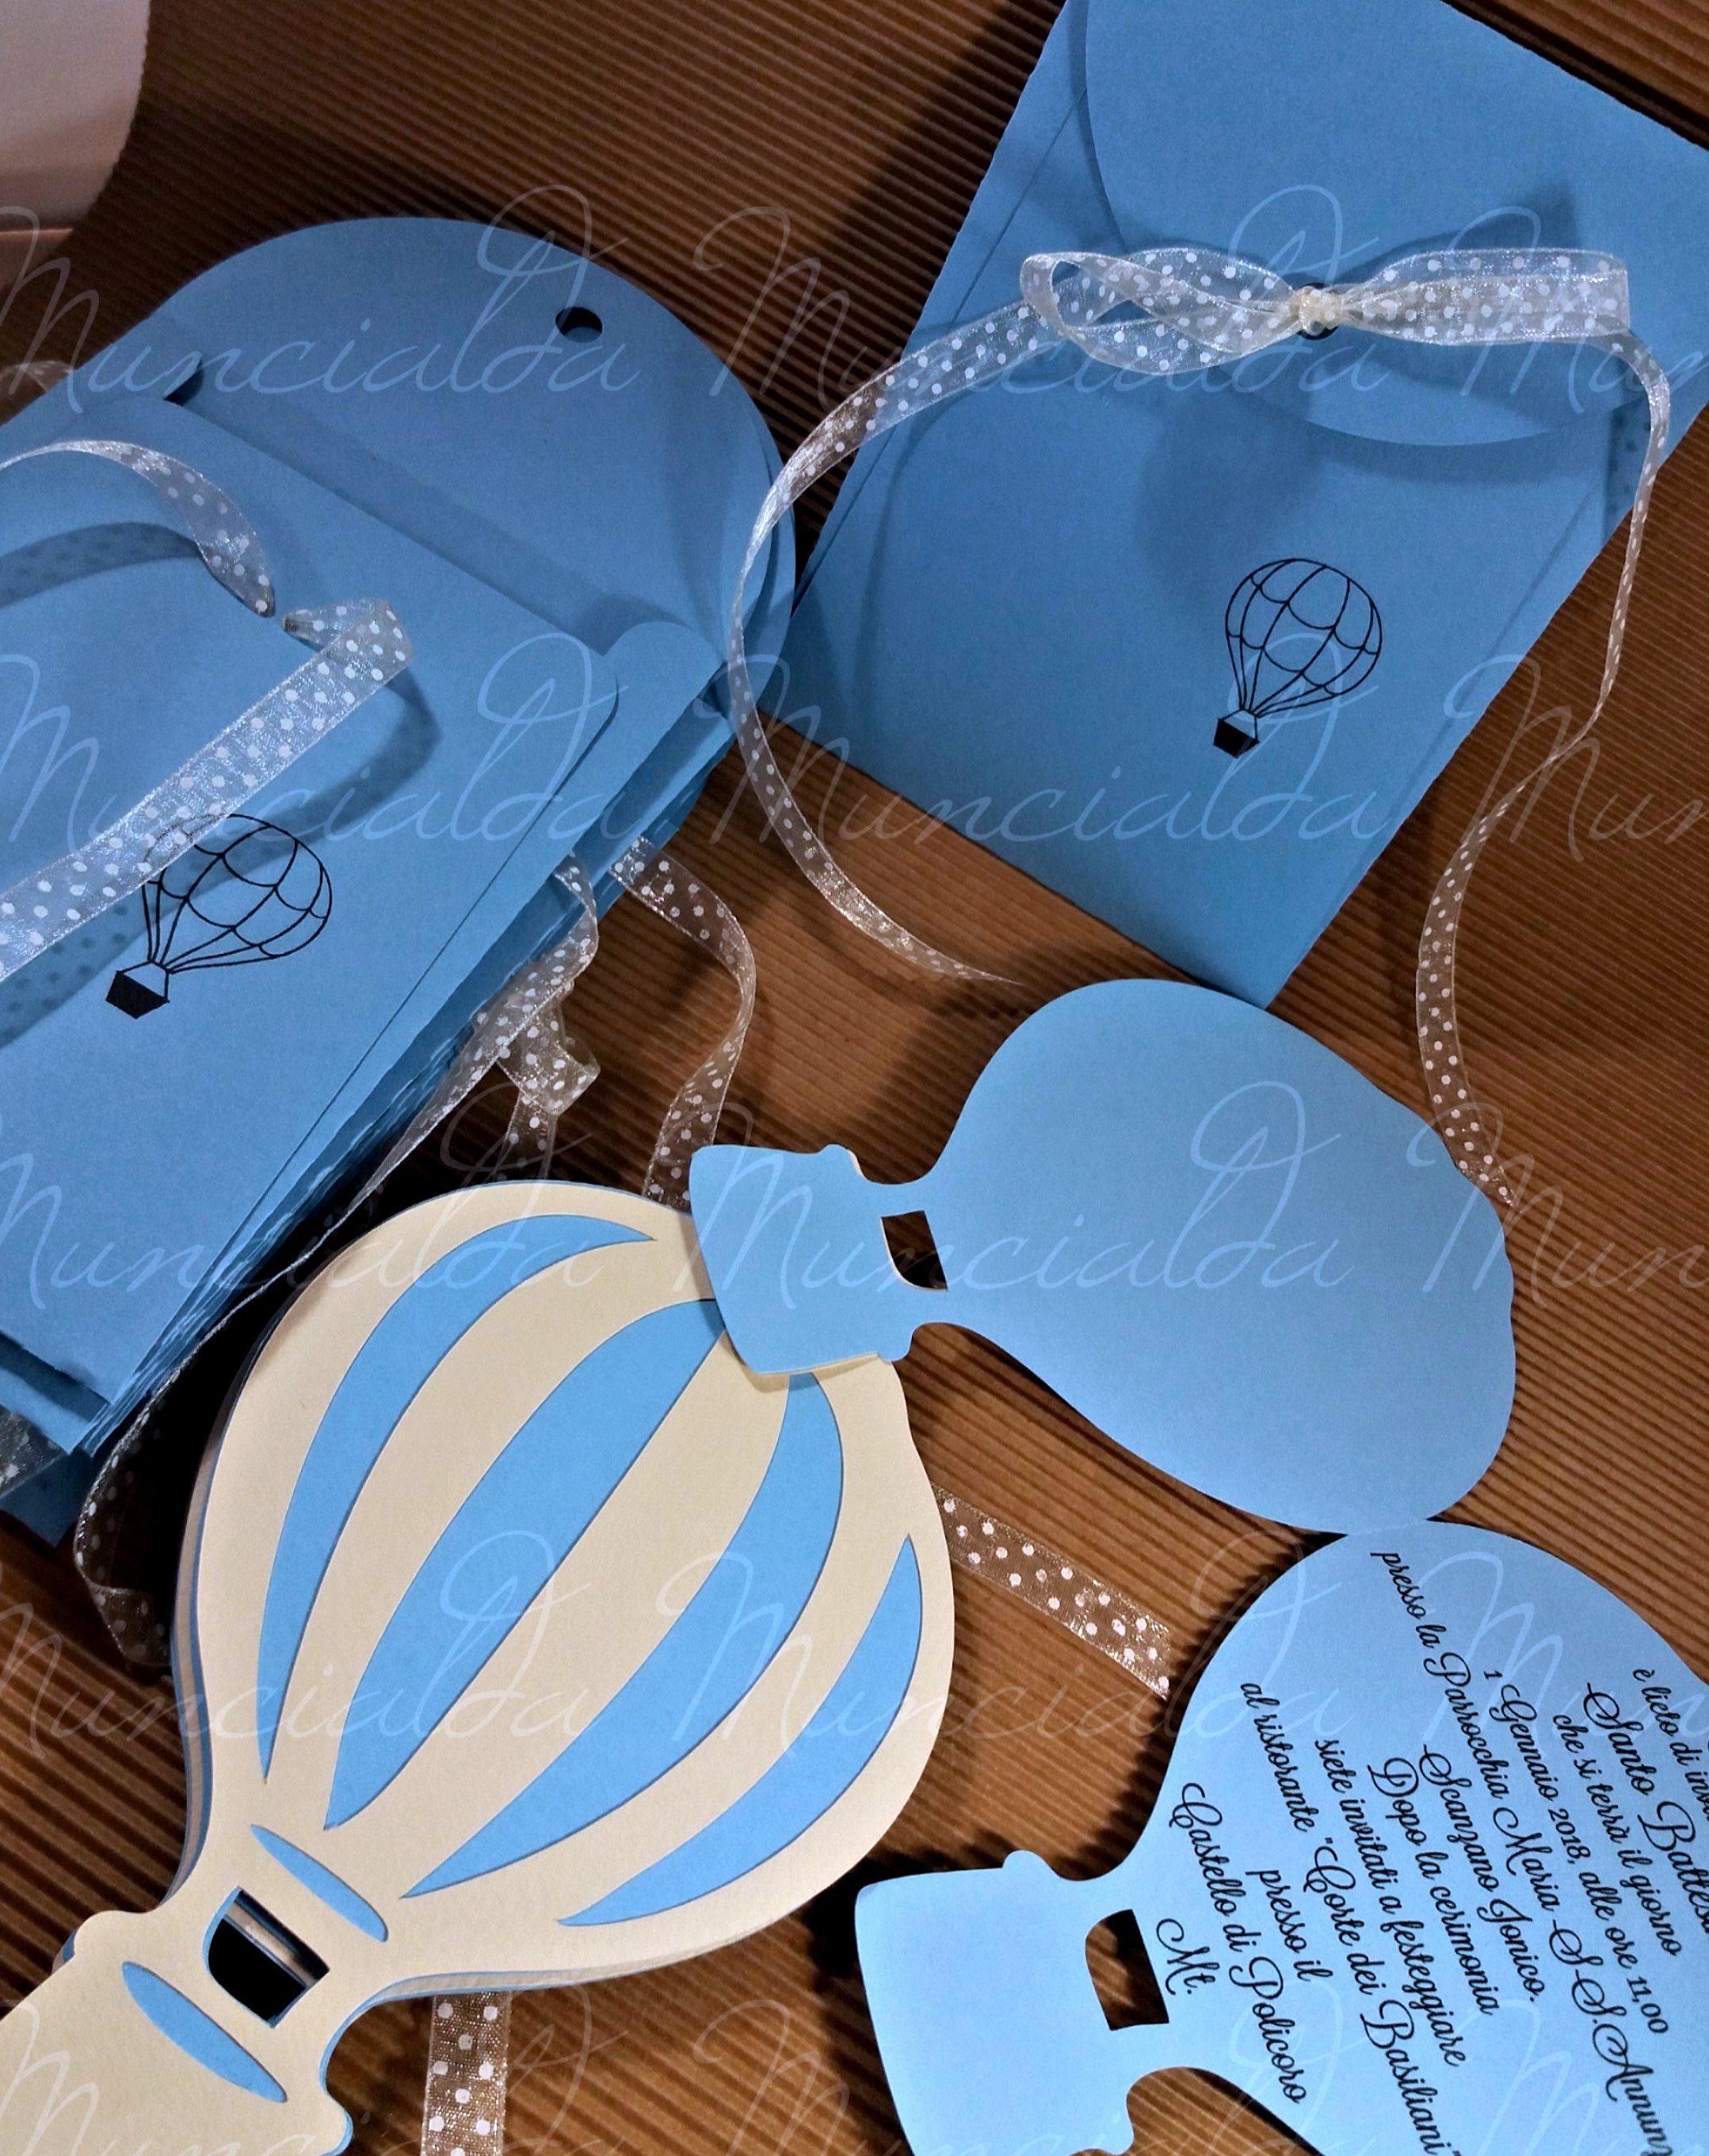 Partecipazioni handmade per Battesimo: una mongolfiera in celeste